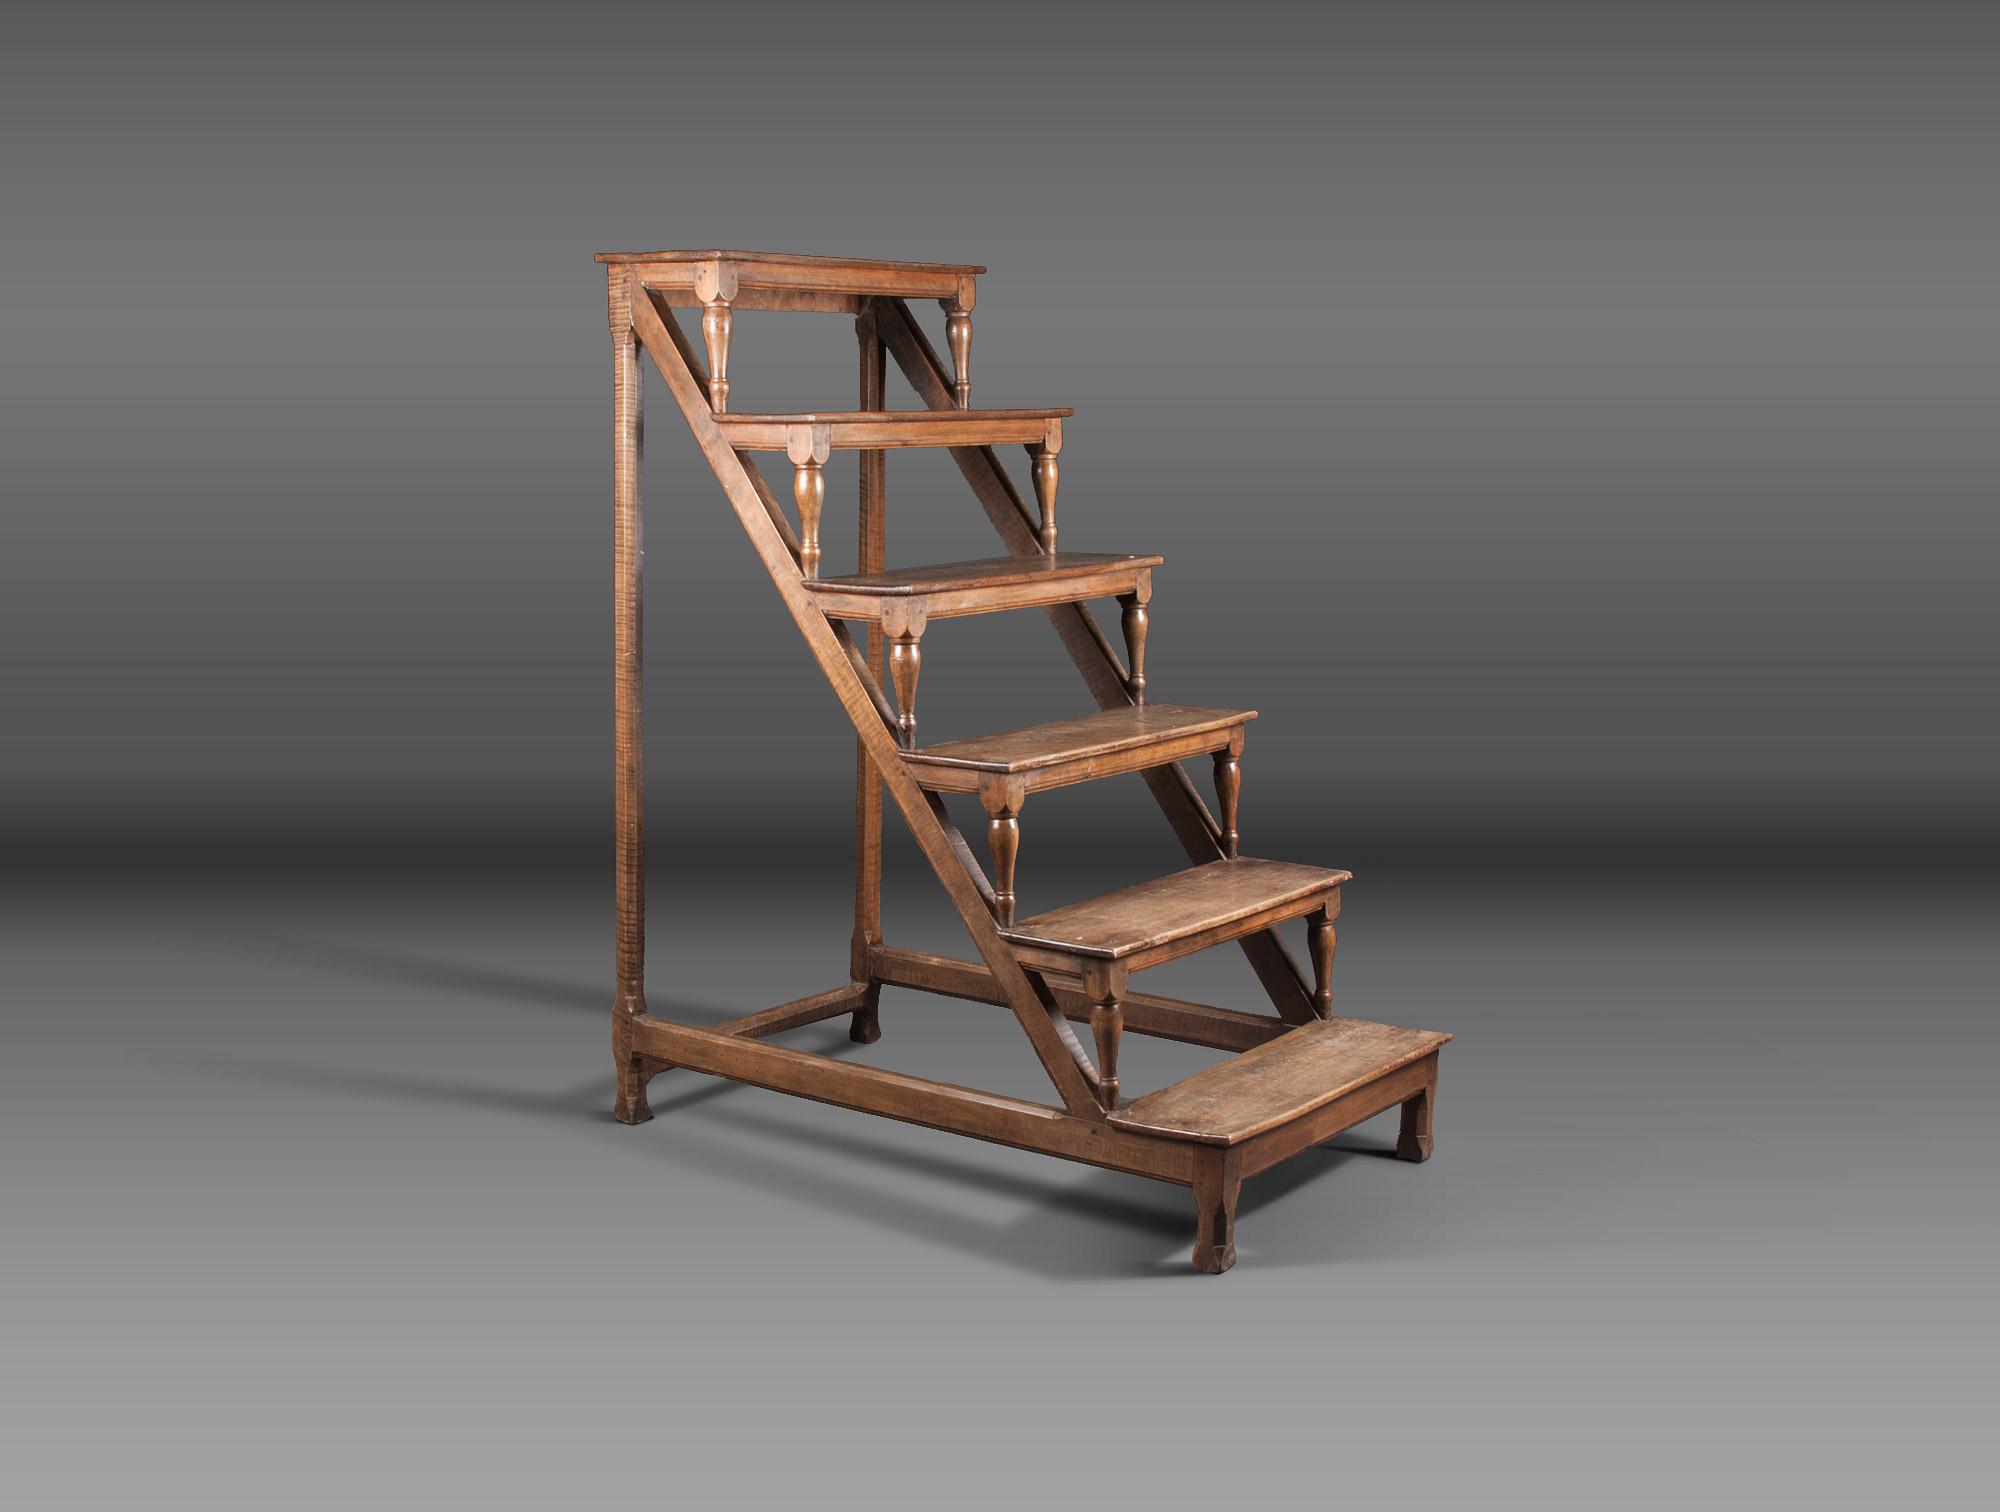 escabeau de biblioth que soubrier louer mobiliers. Black Bedroom Furniture Sets. Home Design Ideas